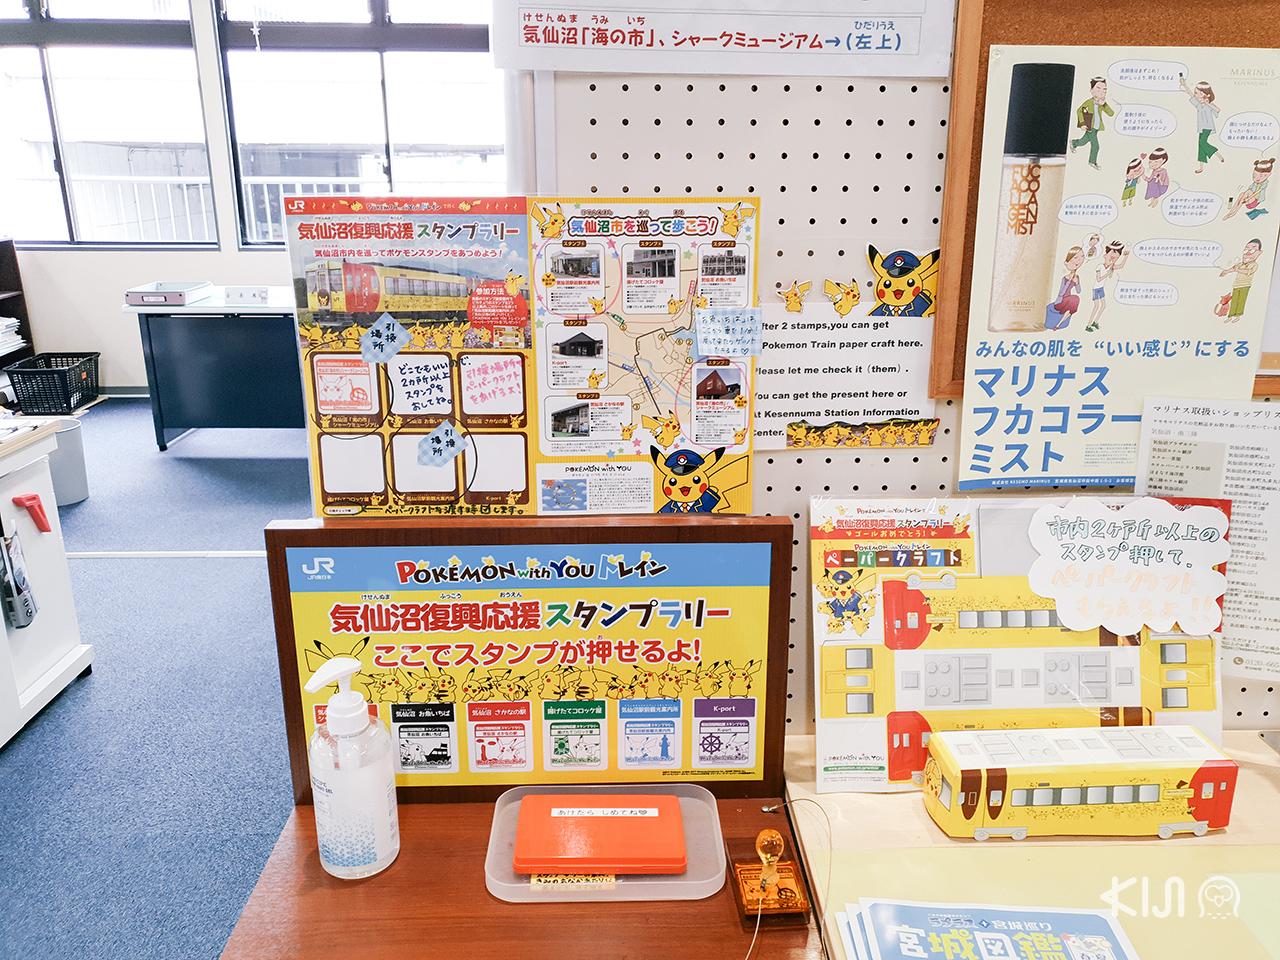 อย่าลืมมายังจุด Stamp Rally ของ Pokemon ภายใน Pier 7 ด้วยนะ